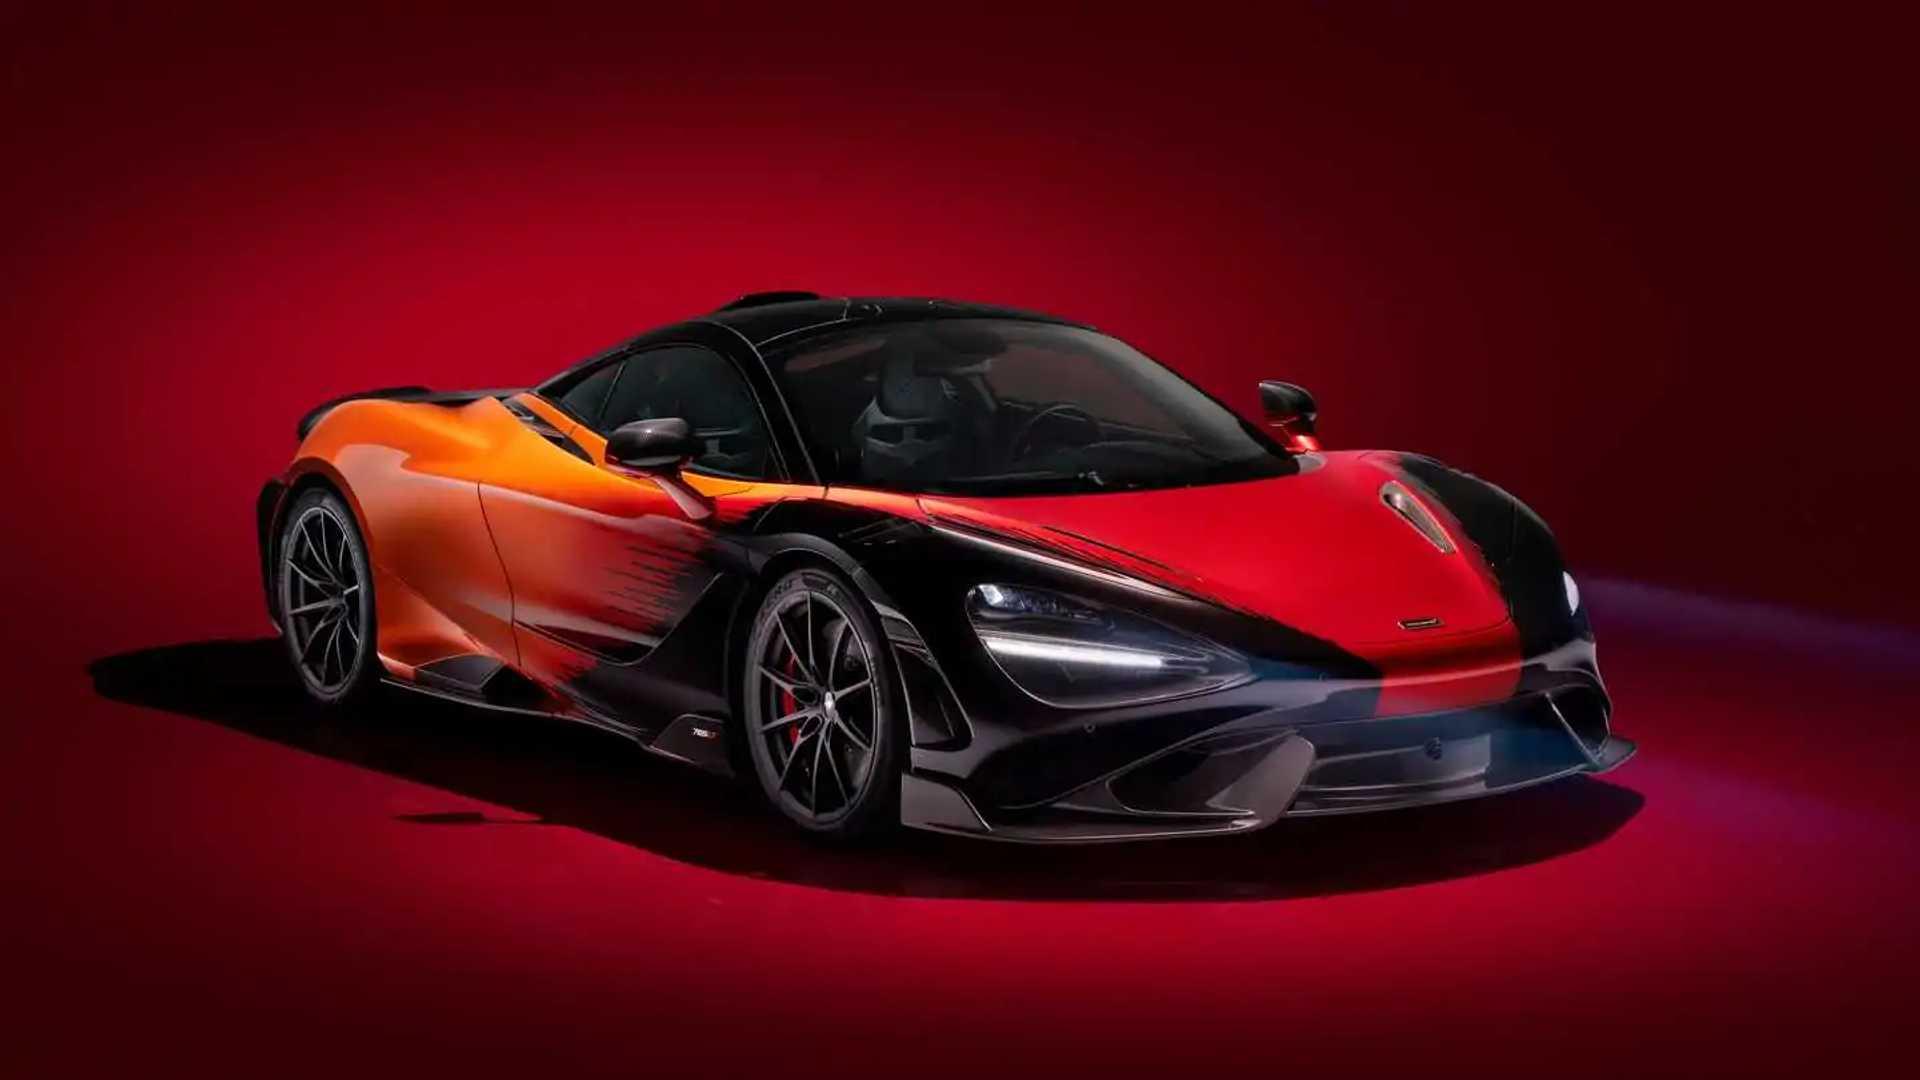 2020 McLaren 765LT Front